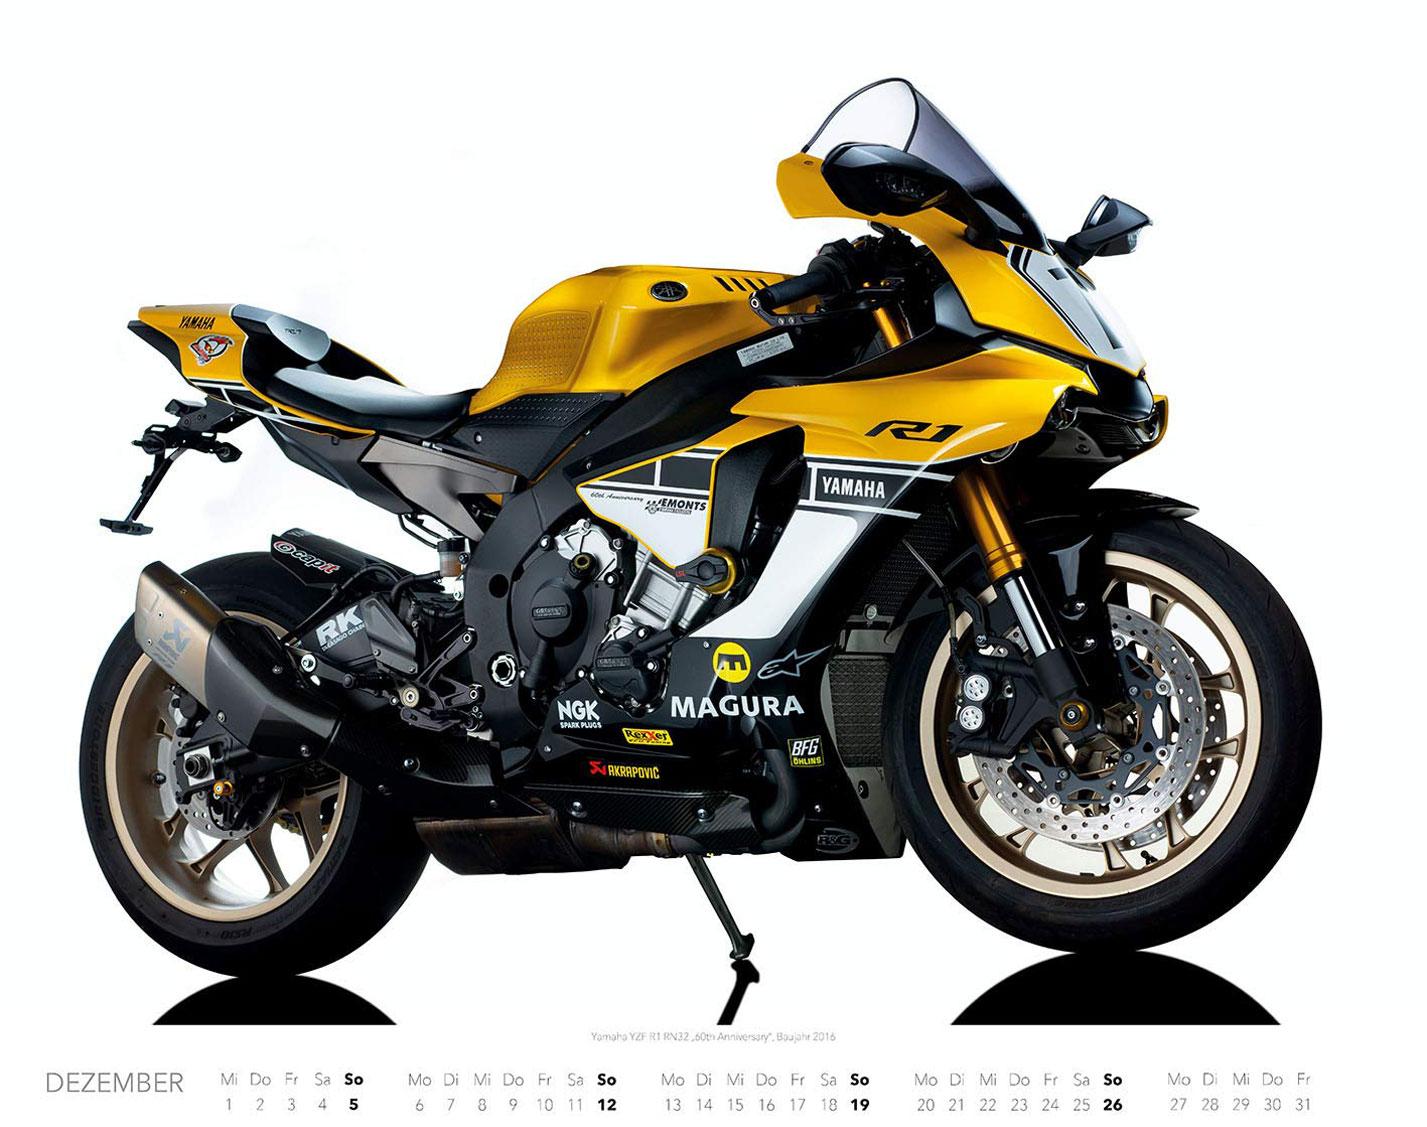 Календарь с крутыми мотоциклами на 2021 год / декабрь